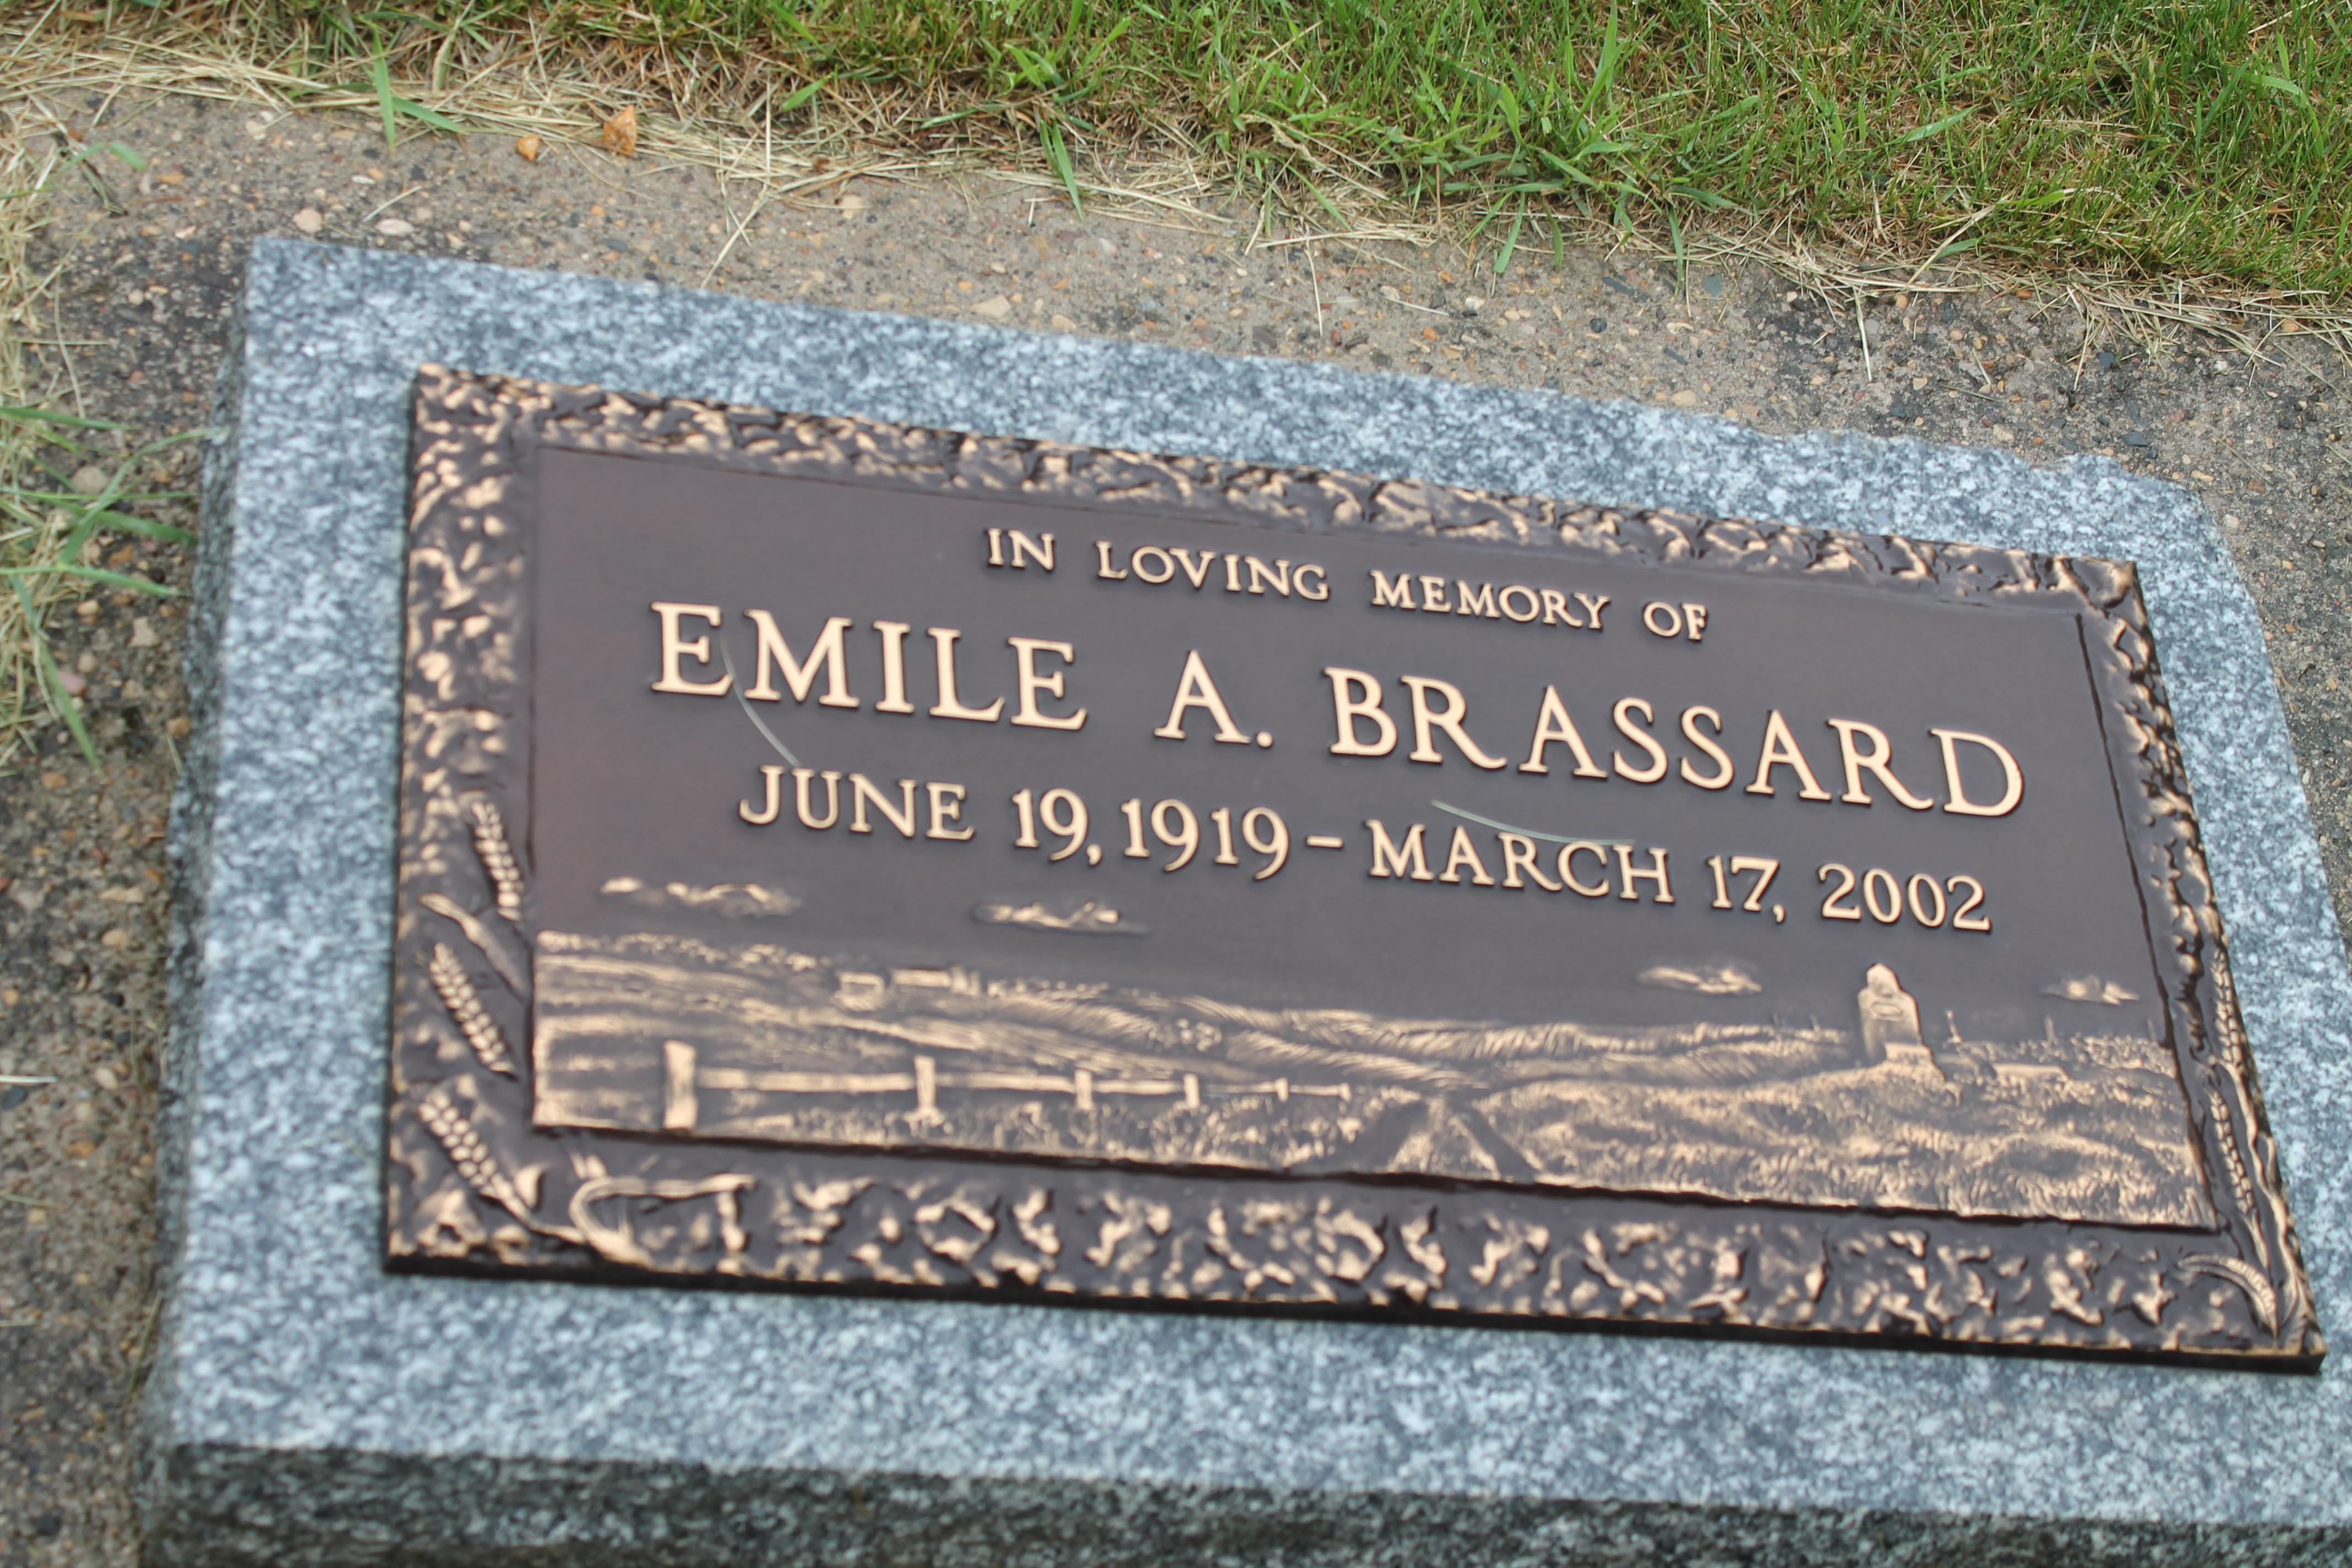 Emilie Brassard